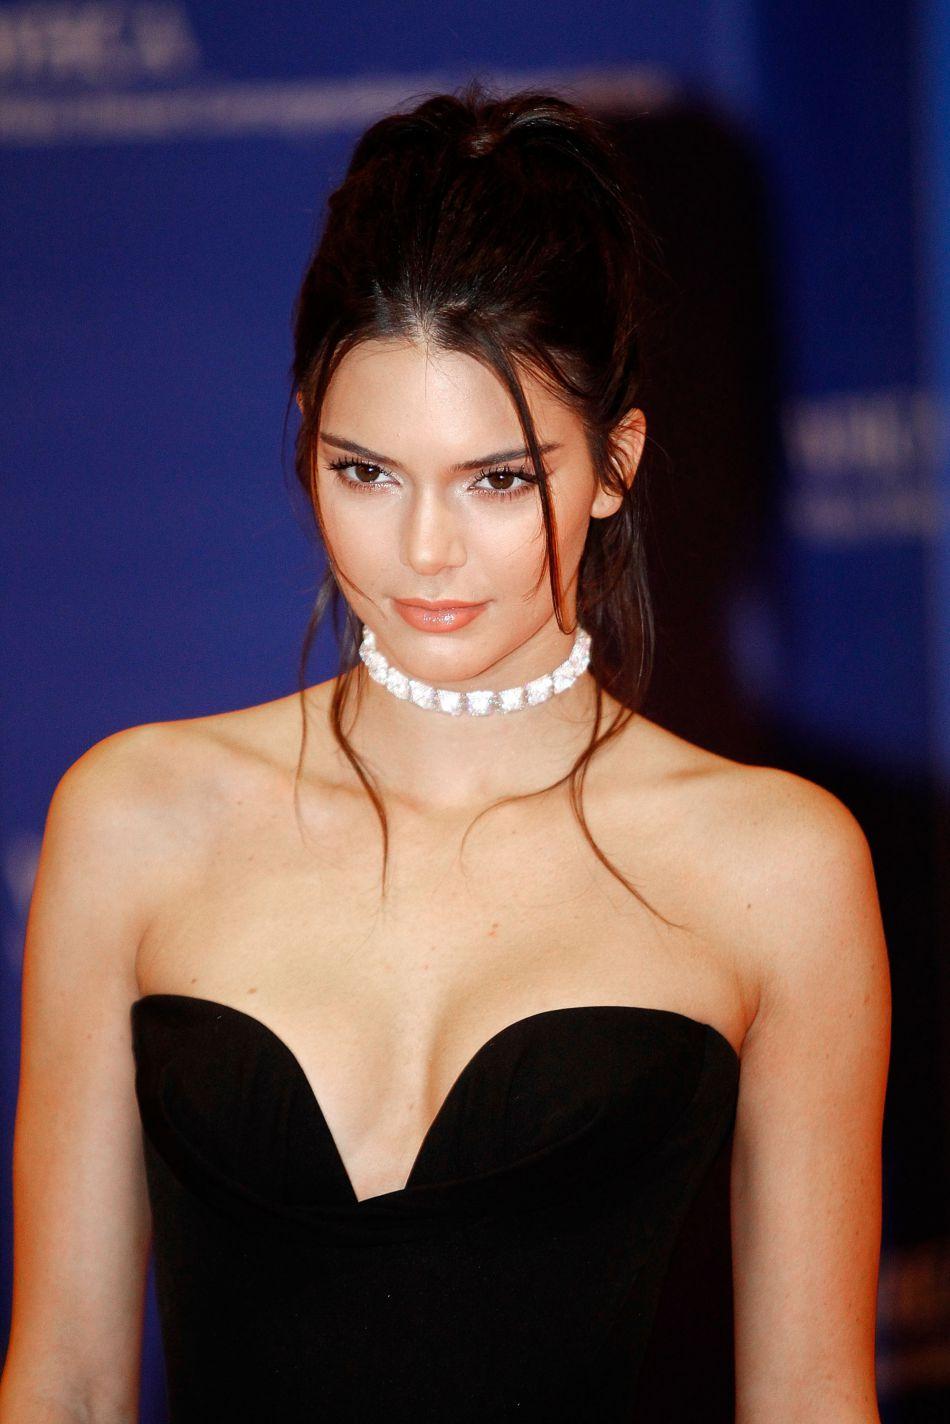 Le glamour est au programme avec ce maquillage de soirée discret et féminin à la fois.